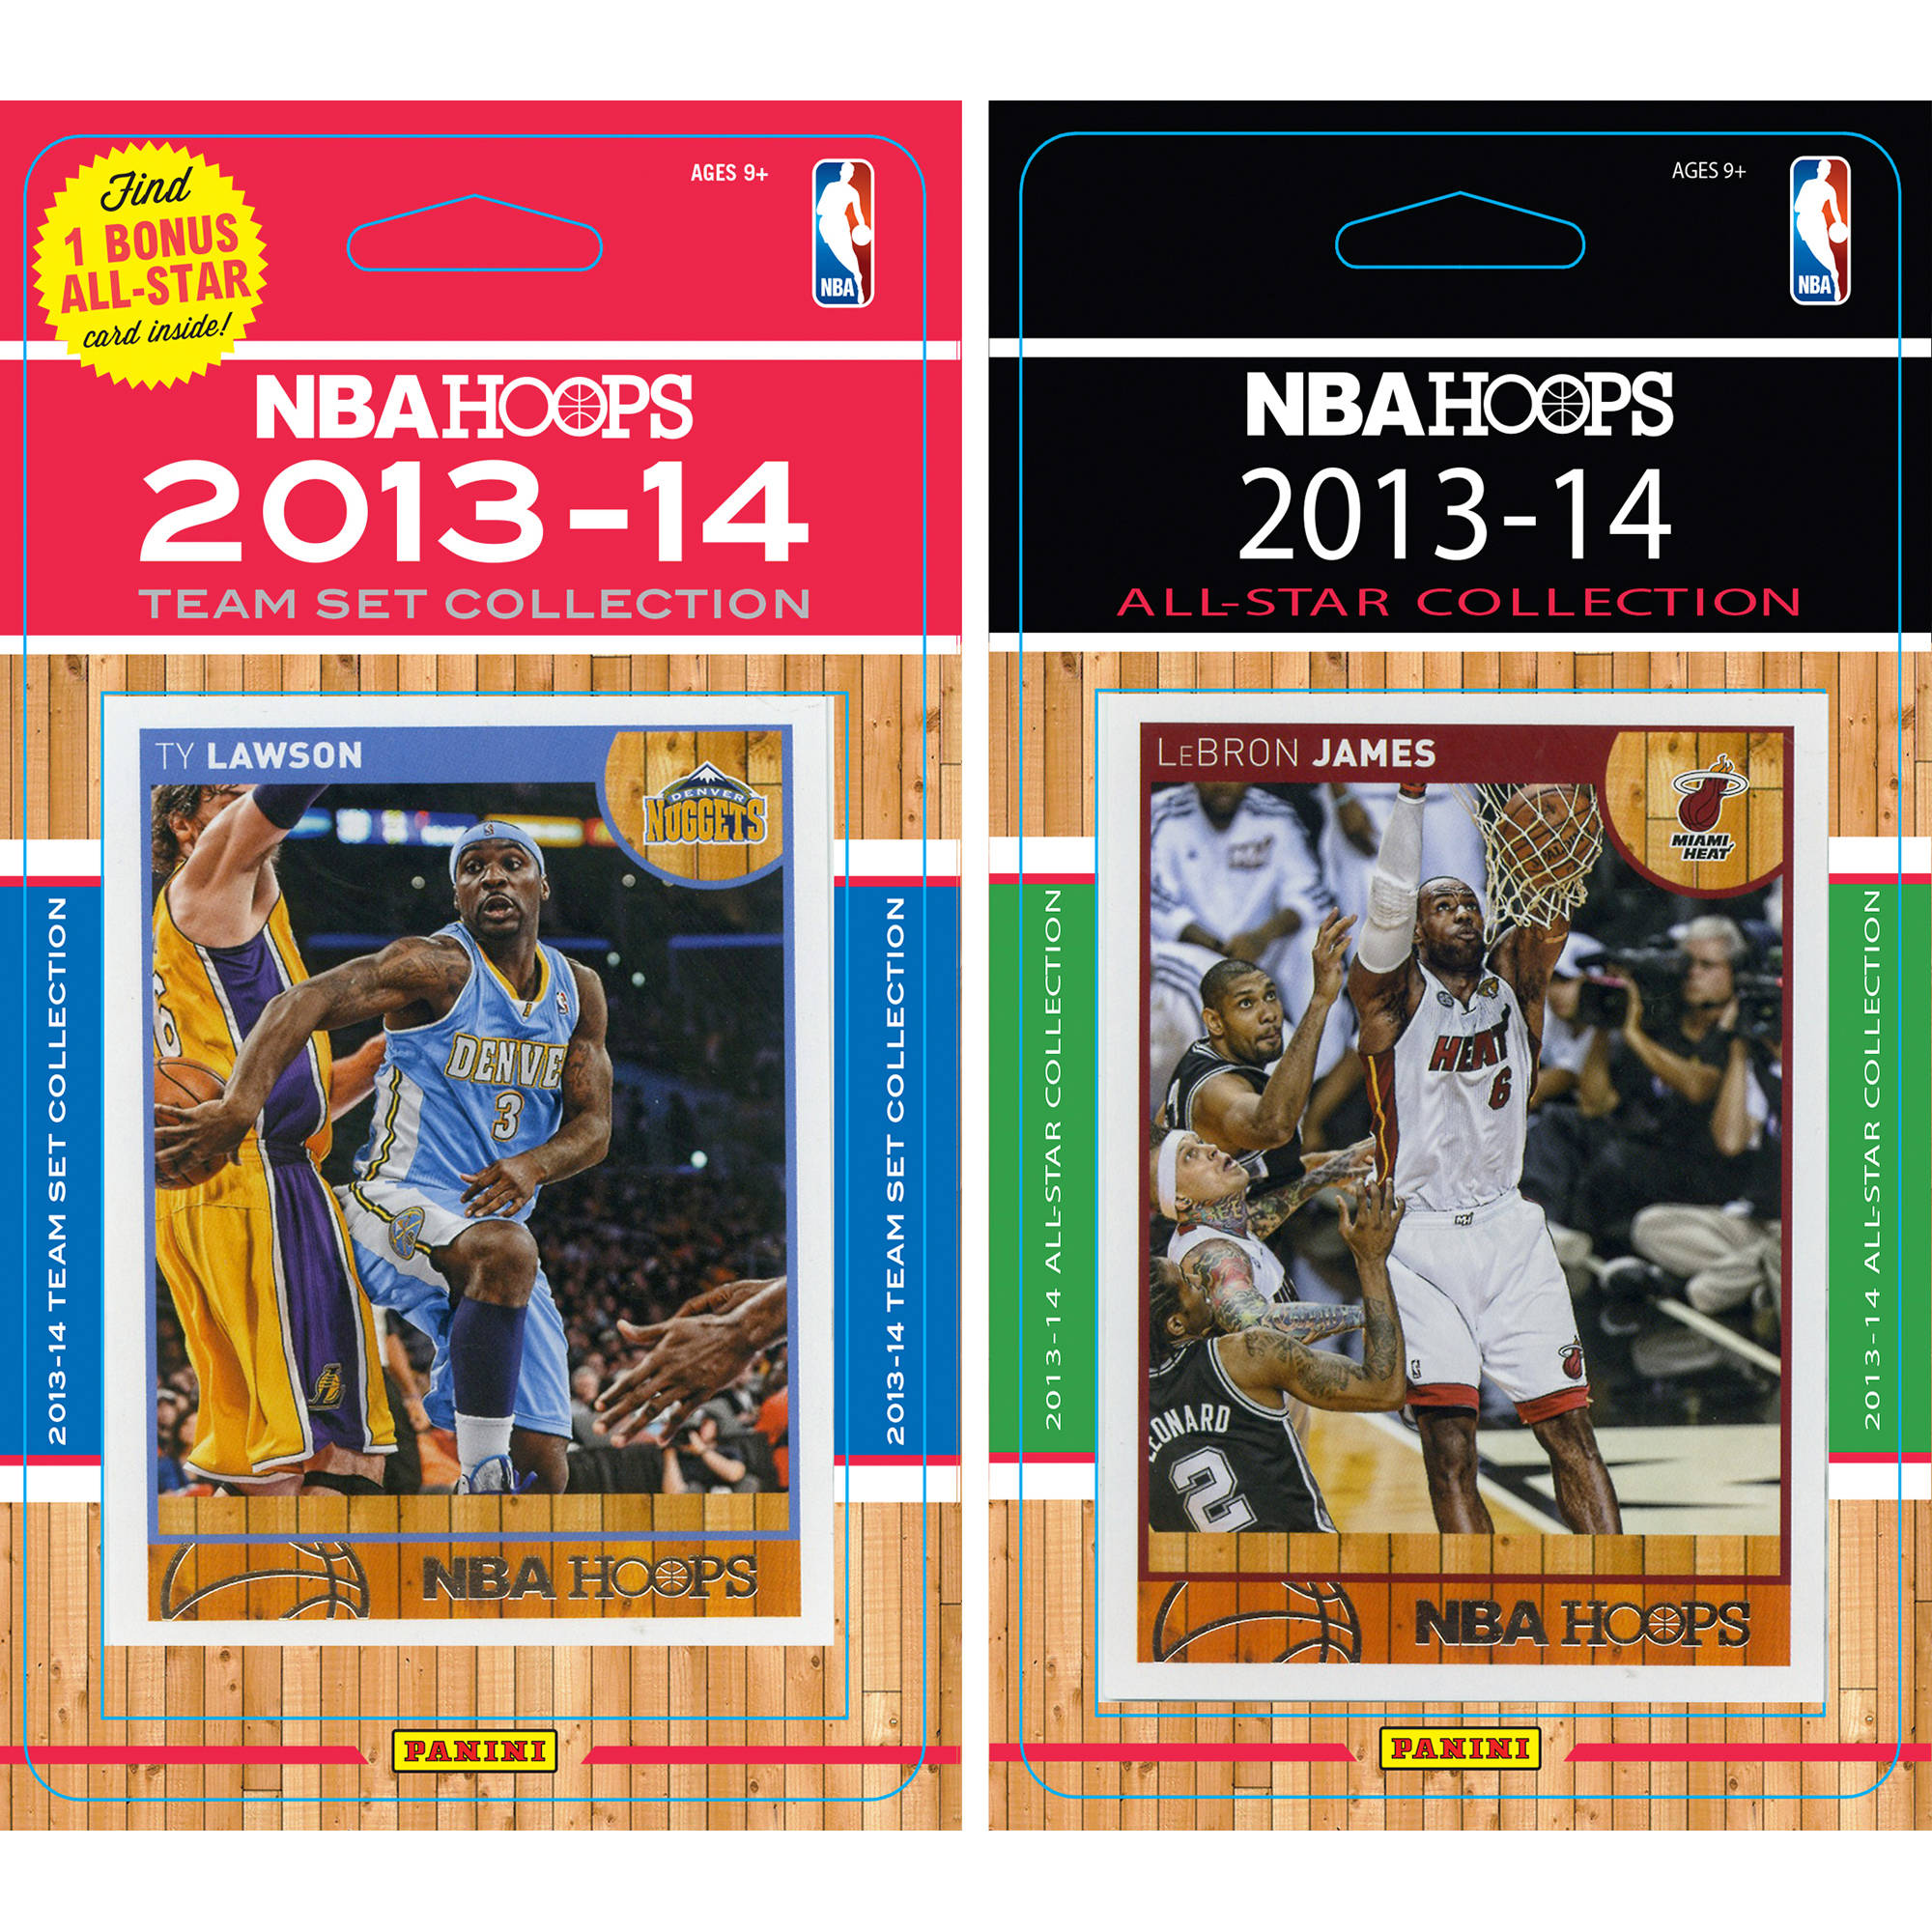 C&I Collectables NBA Denver Nuggets Licensed 2013-14 Hoops Team Set Plus 2013-24 Hoops All-Star Set